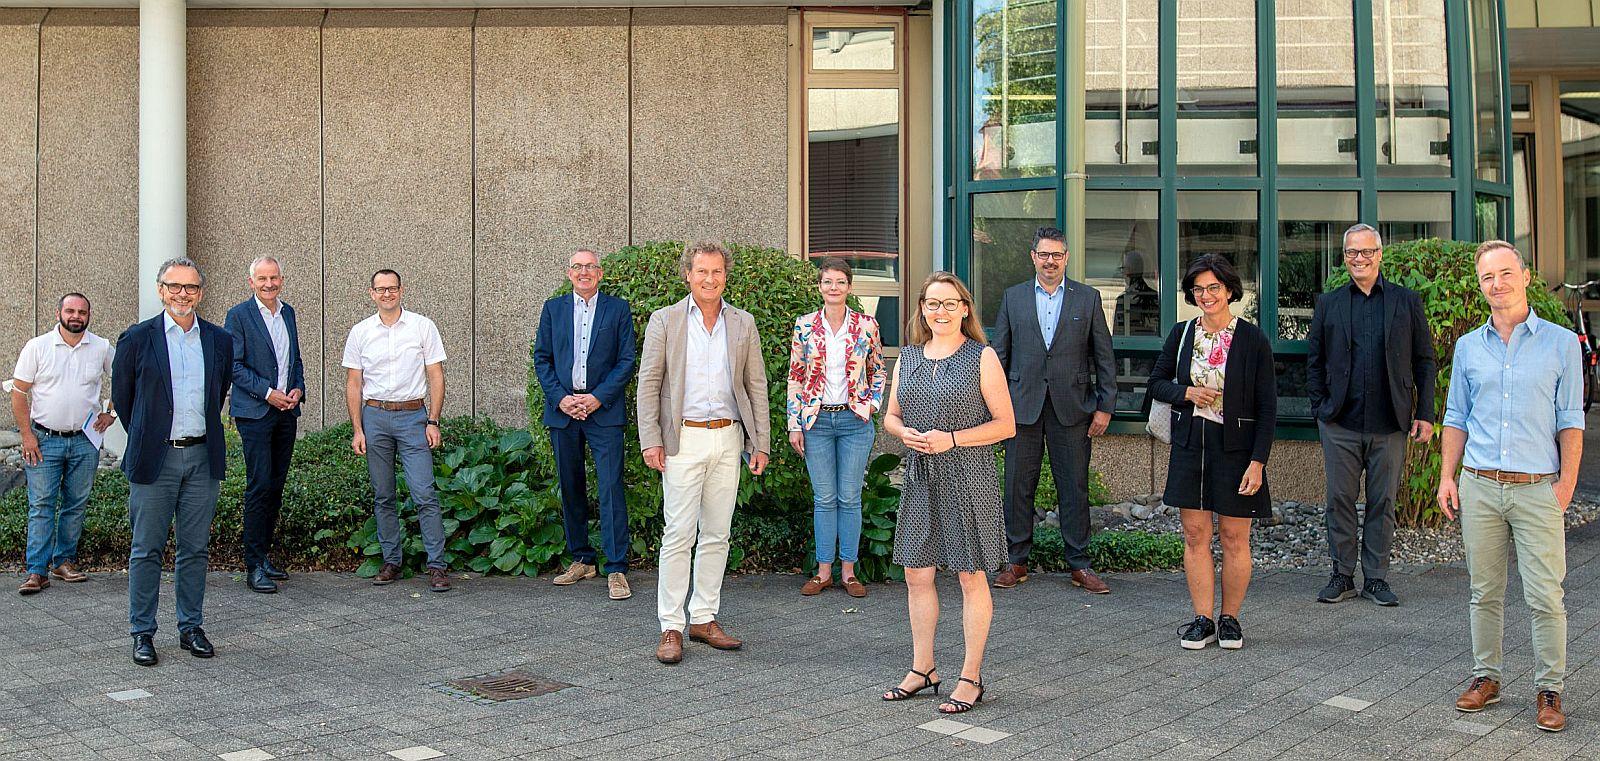 BU: Besuch aus Stuttgart: Andreas Braun (2. von rechts), Geschäftsführer der Tourismus Marketing GmbH Baden-Württemberg (TMBW), zu Gast beim IHK-Tourismusausschuss in Villingen-Schwenningen. Foto: pm